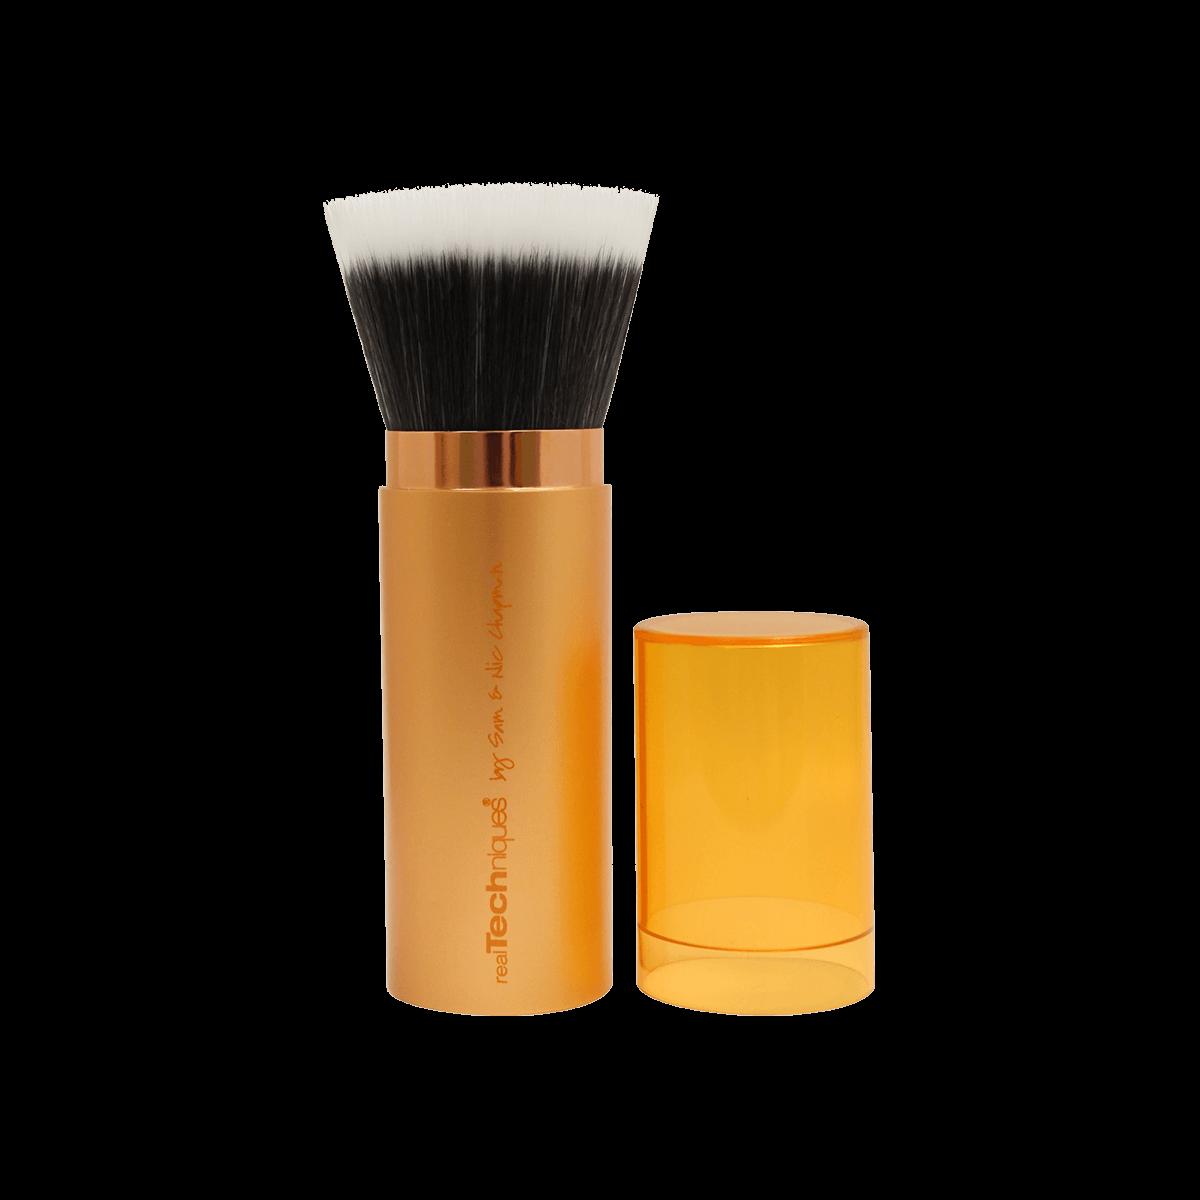 Купить со скидкой Кисти для макияжа: Кисть для бронзера выдвижная Real Techniques Retractable Bronzer Brush